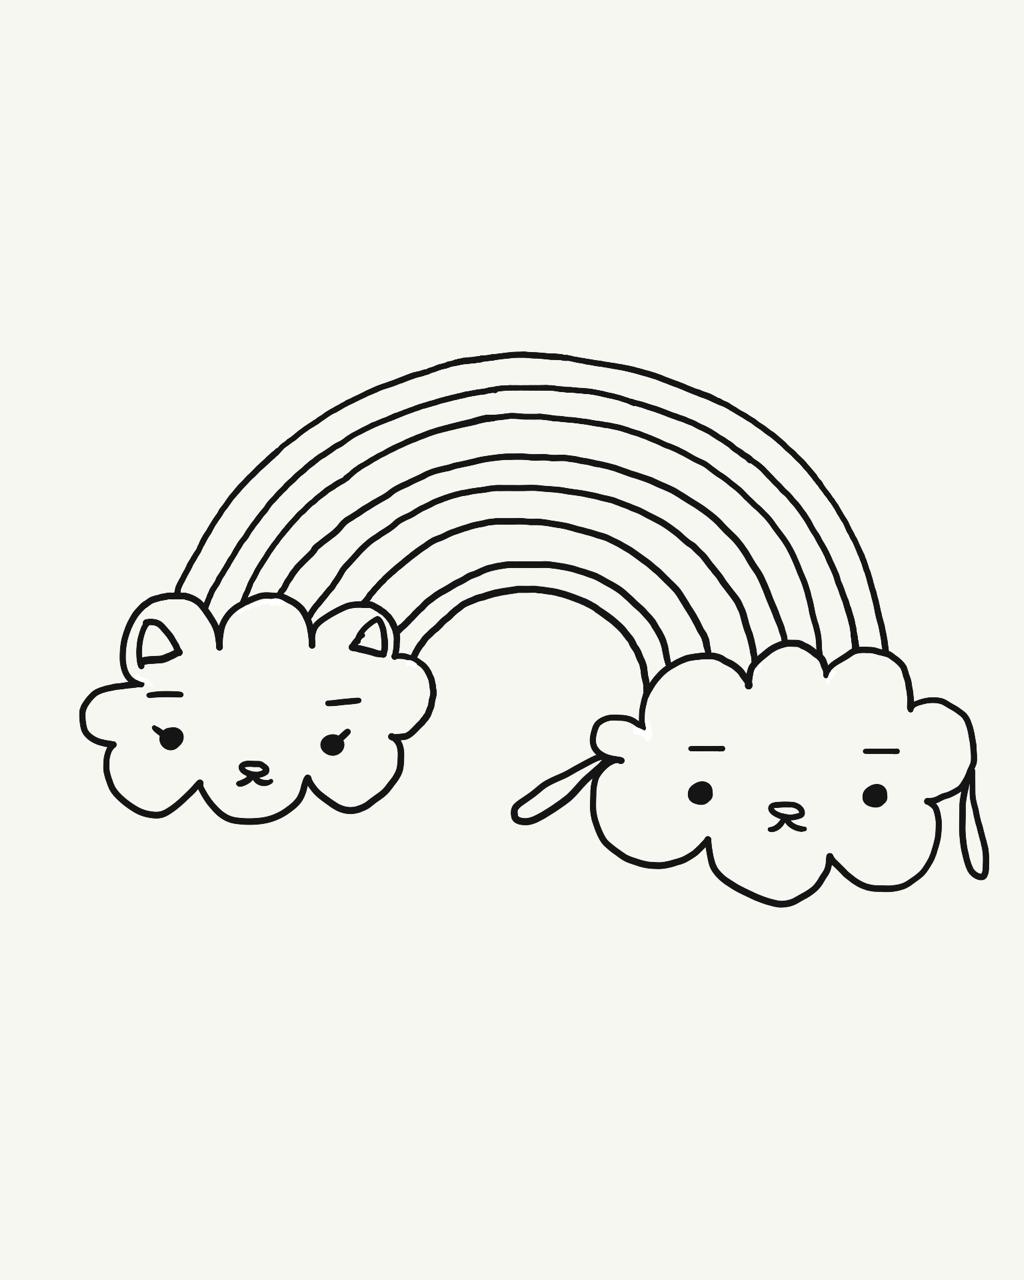 #今日は何の日 #虹の日   #漫画 #1コマ #キャラクターイラスト #犬イラスト #猫イラスト #虹 #rainbow 